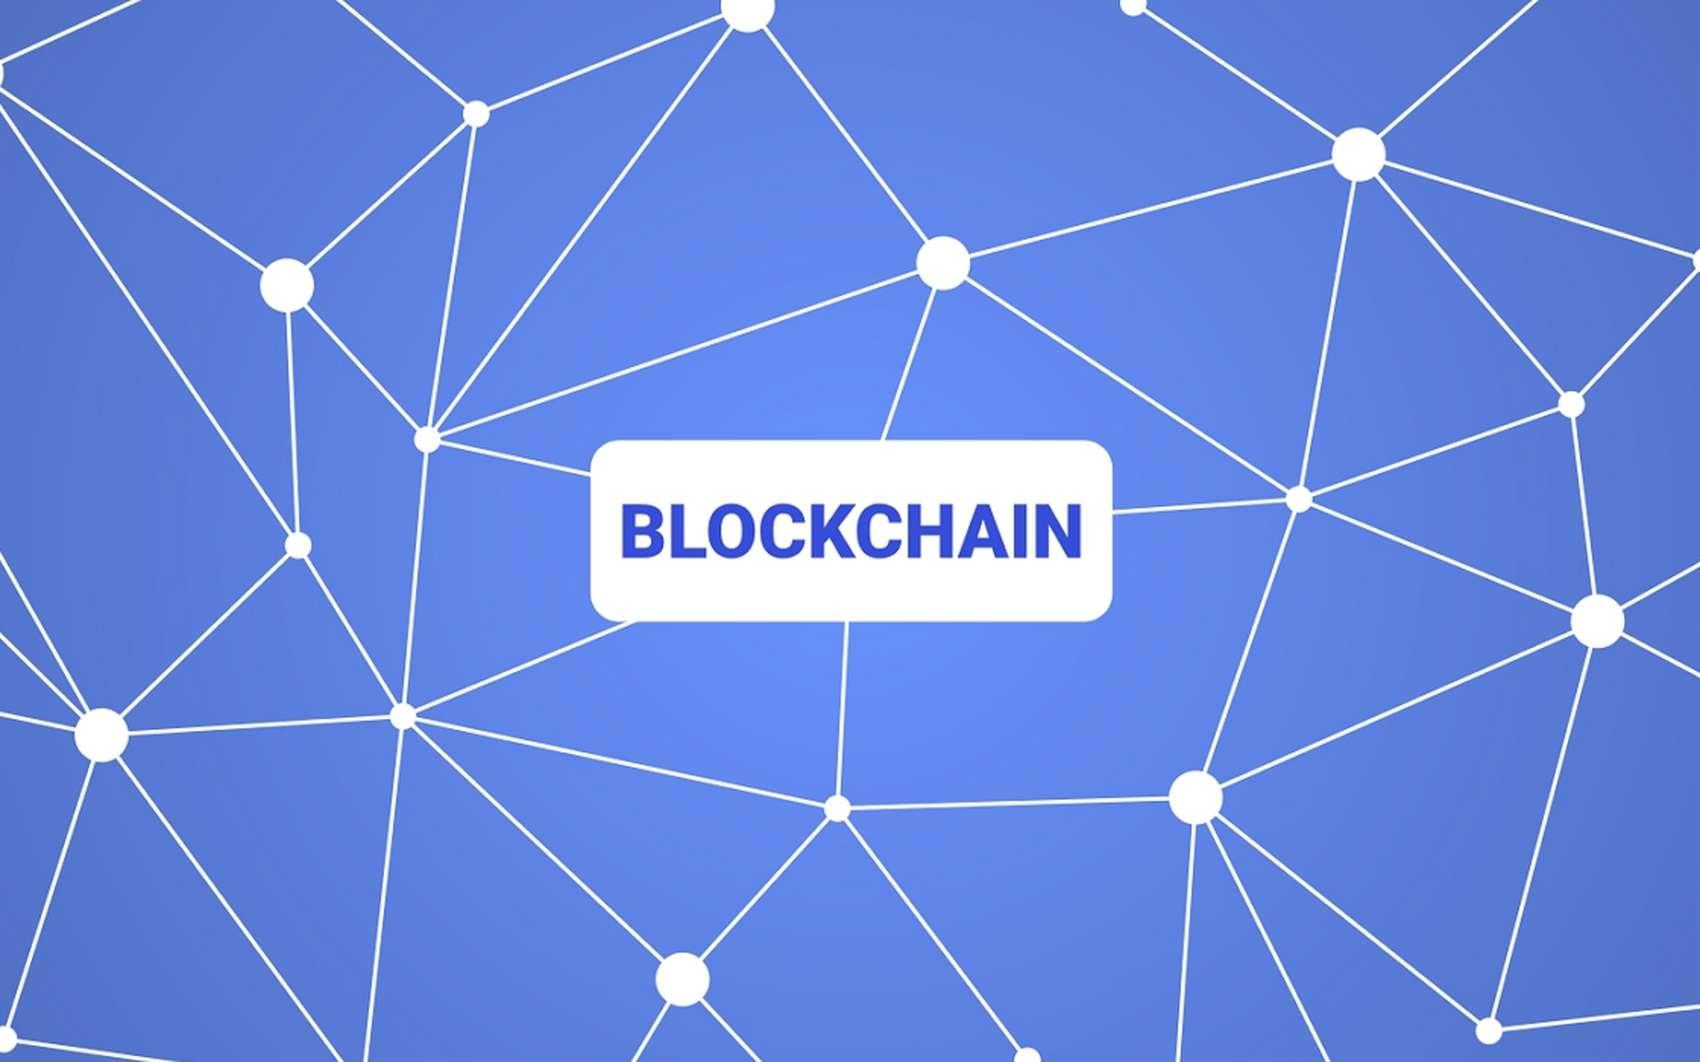 La blockchain, ou chaîne de blocs, est une technologie de stockage et de transmission d'informations sans organe de contrôle. © Clic2Load